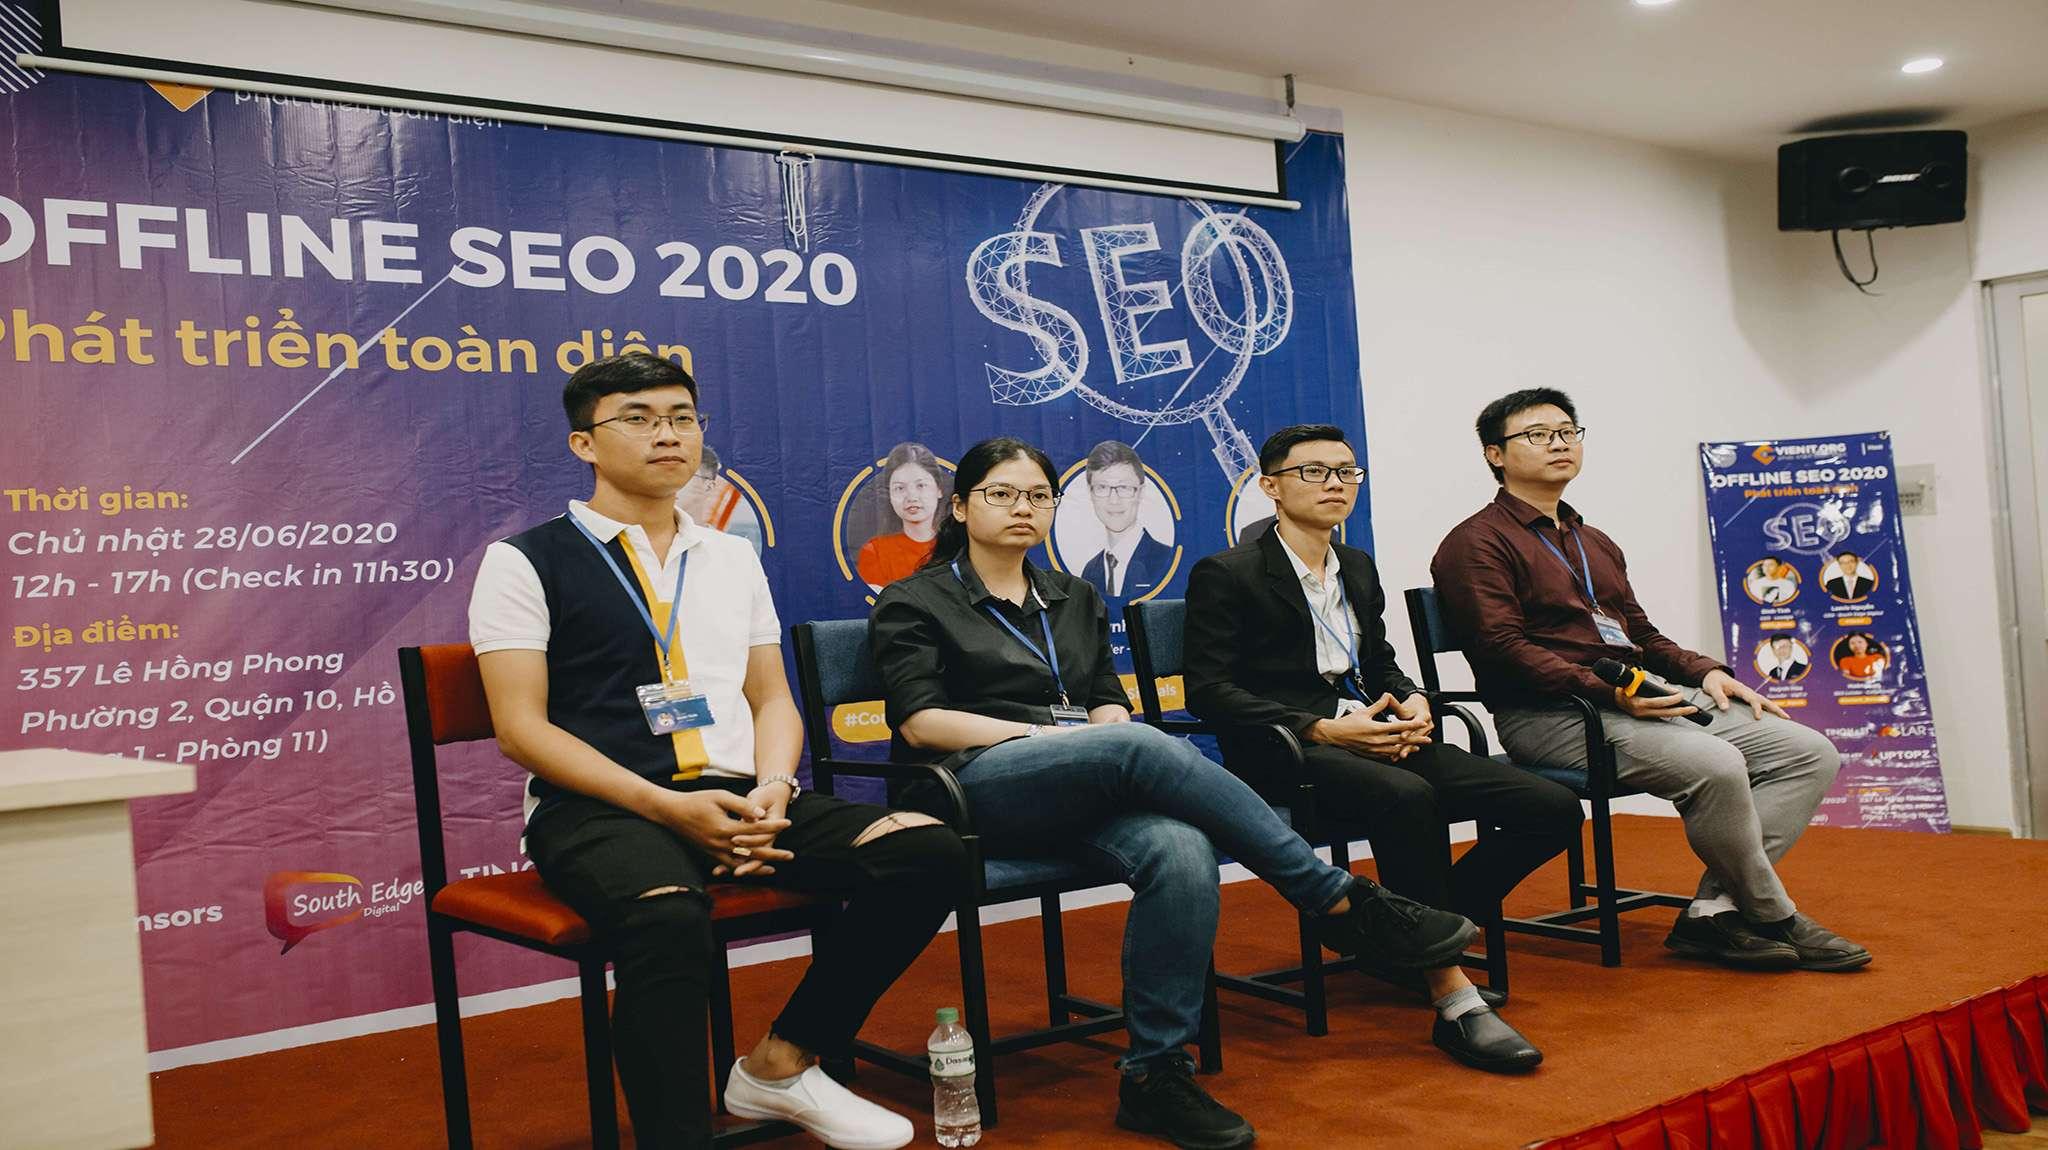 Hỏi đáp trong sự kiện SEO 2020